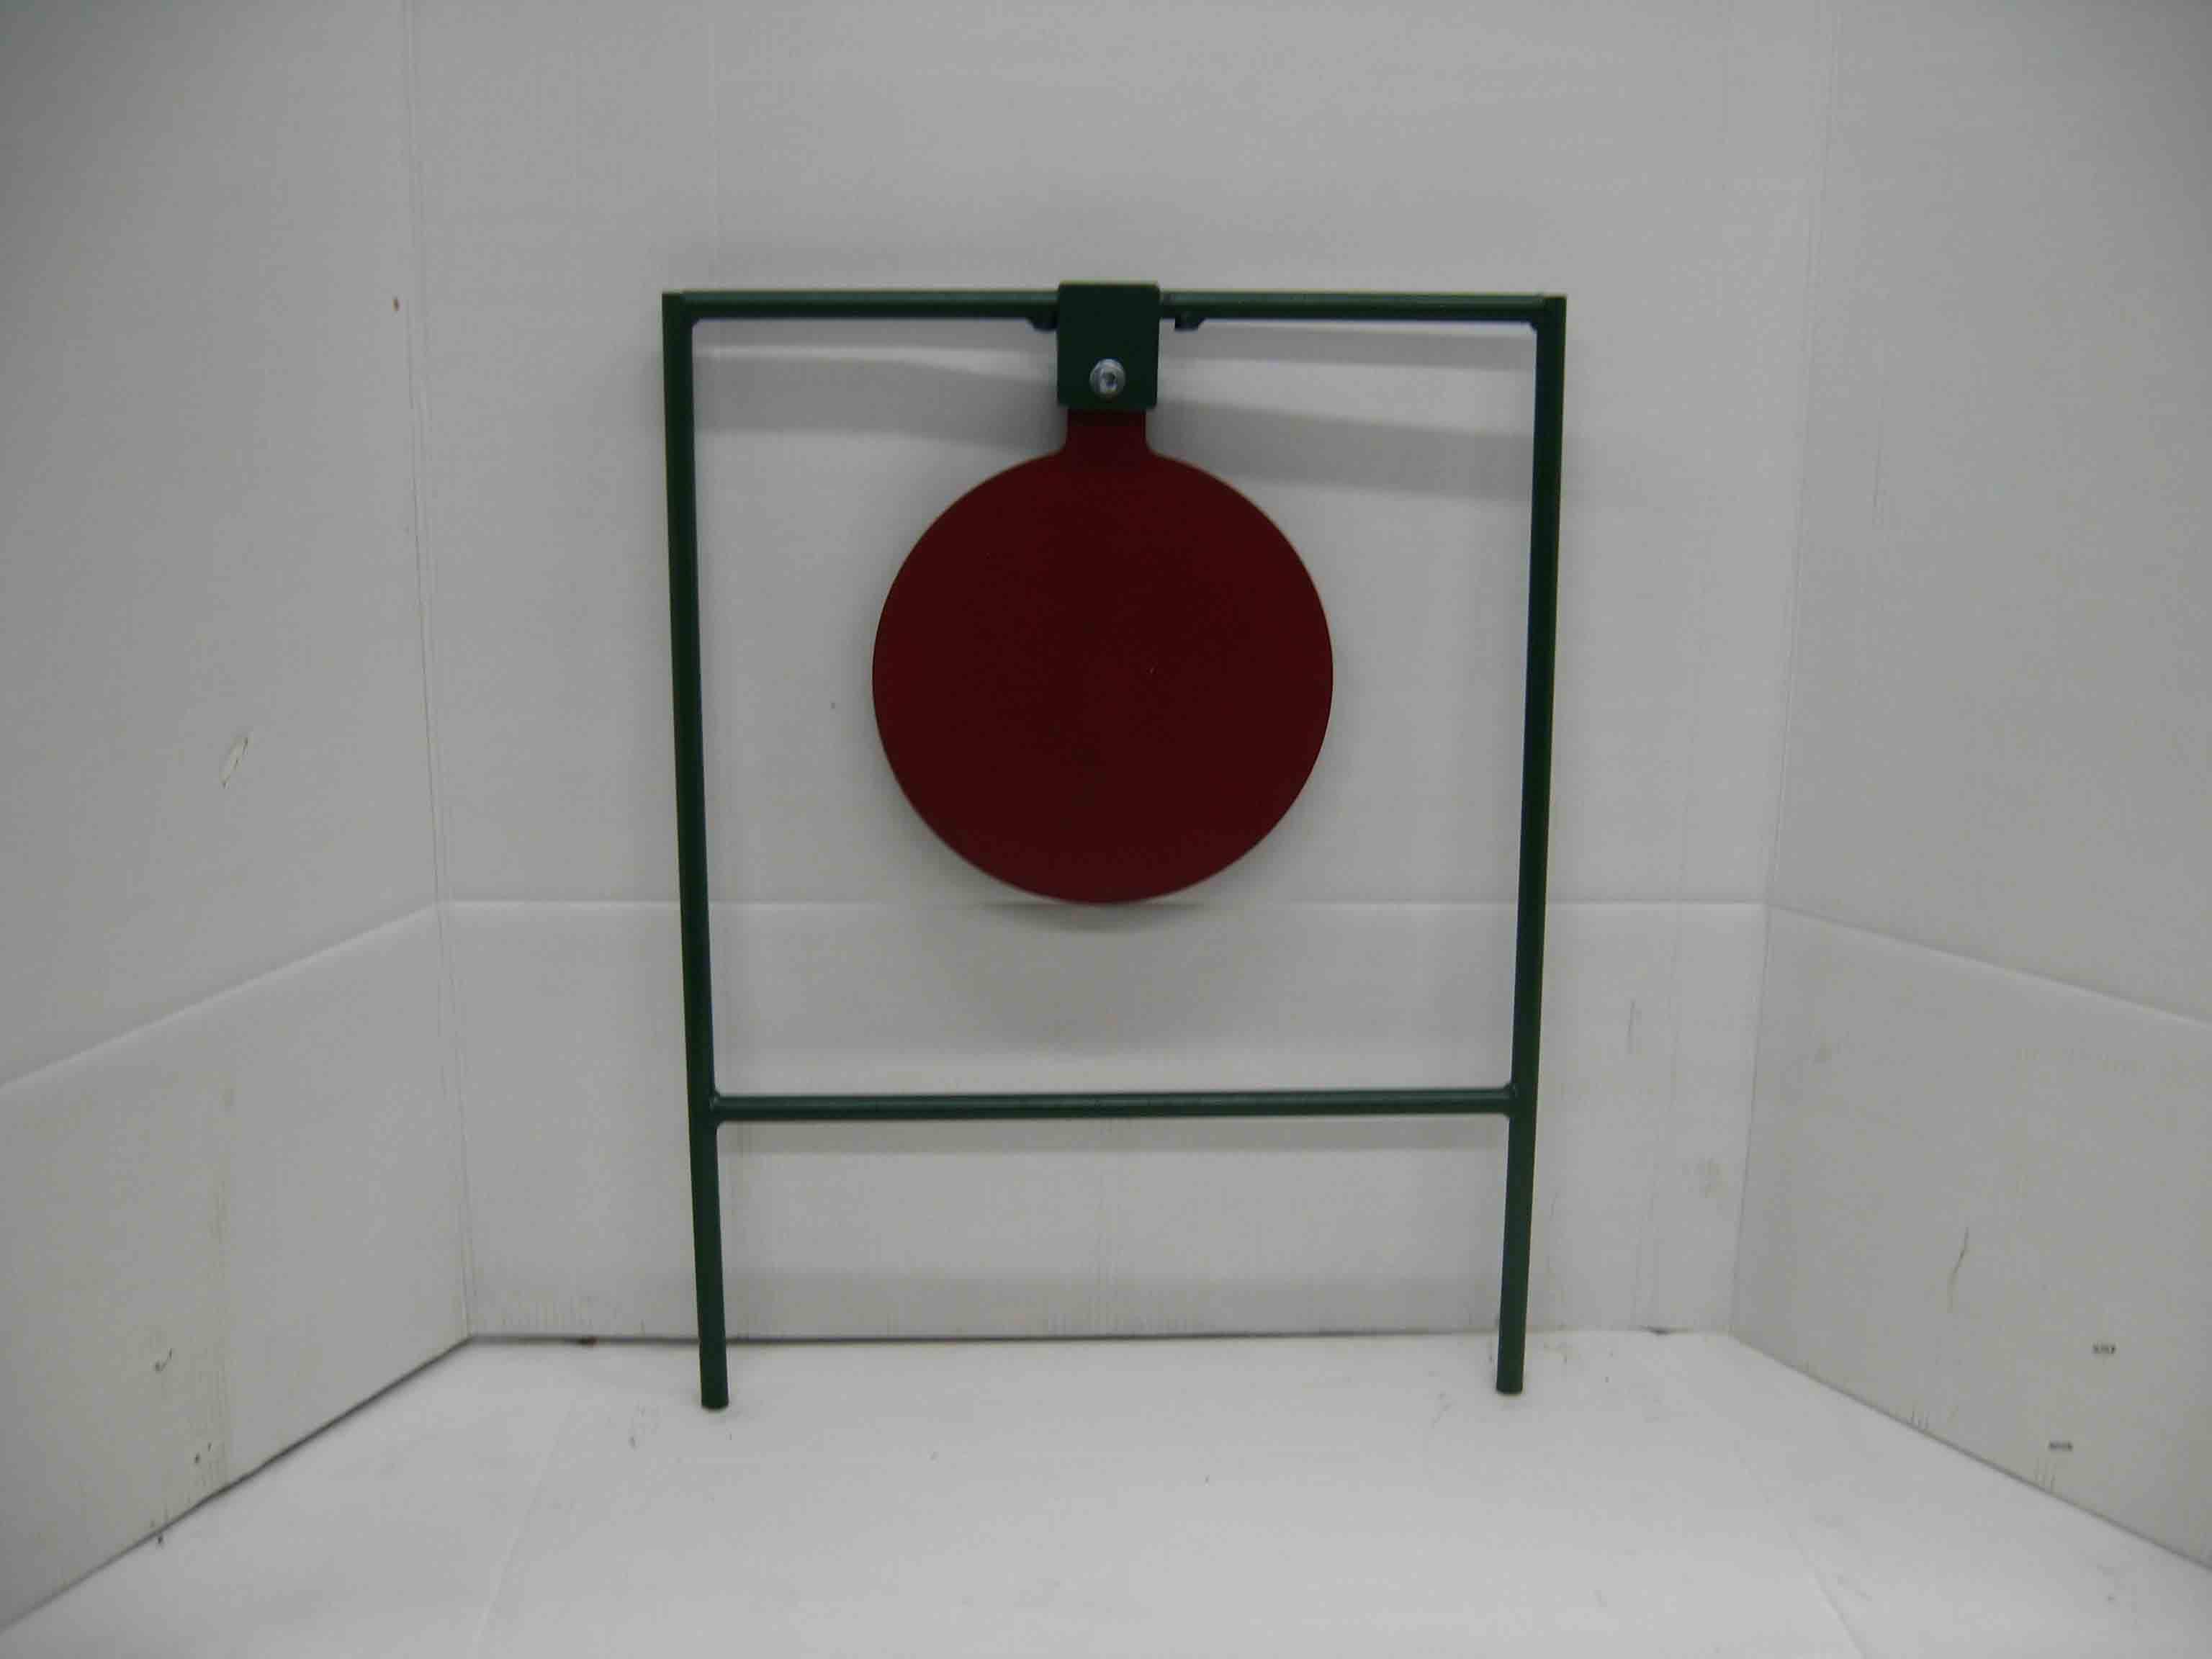 Large 12-inch gong shooting metal target